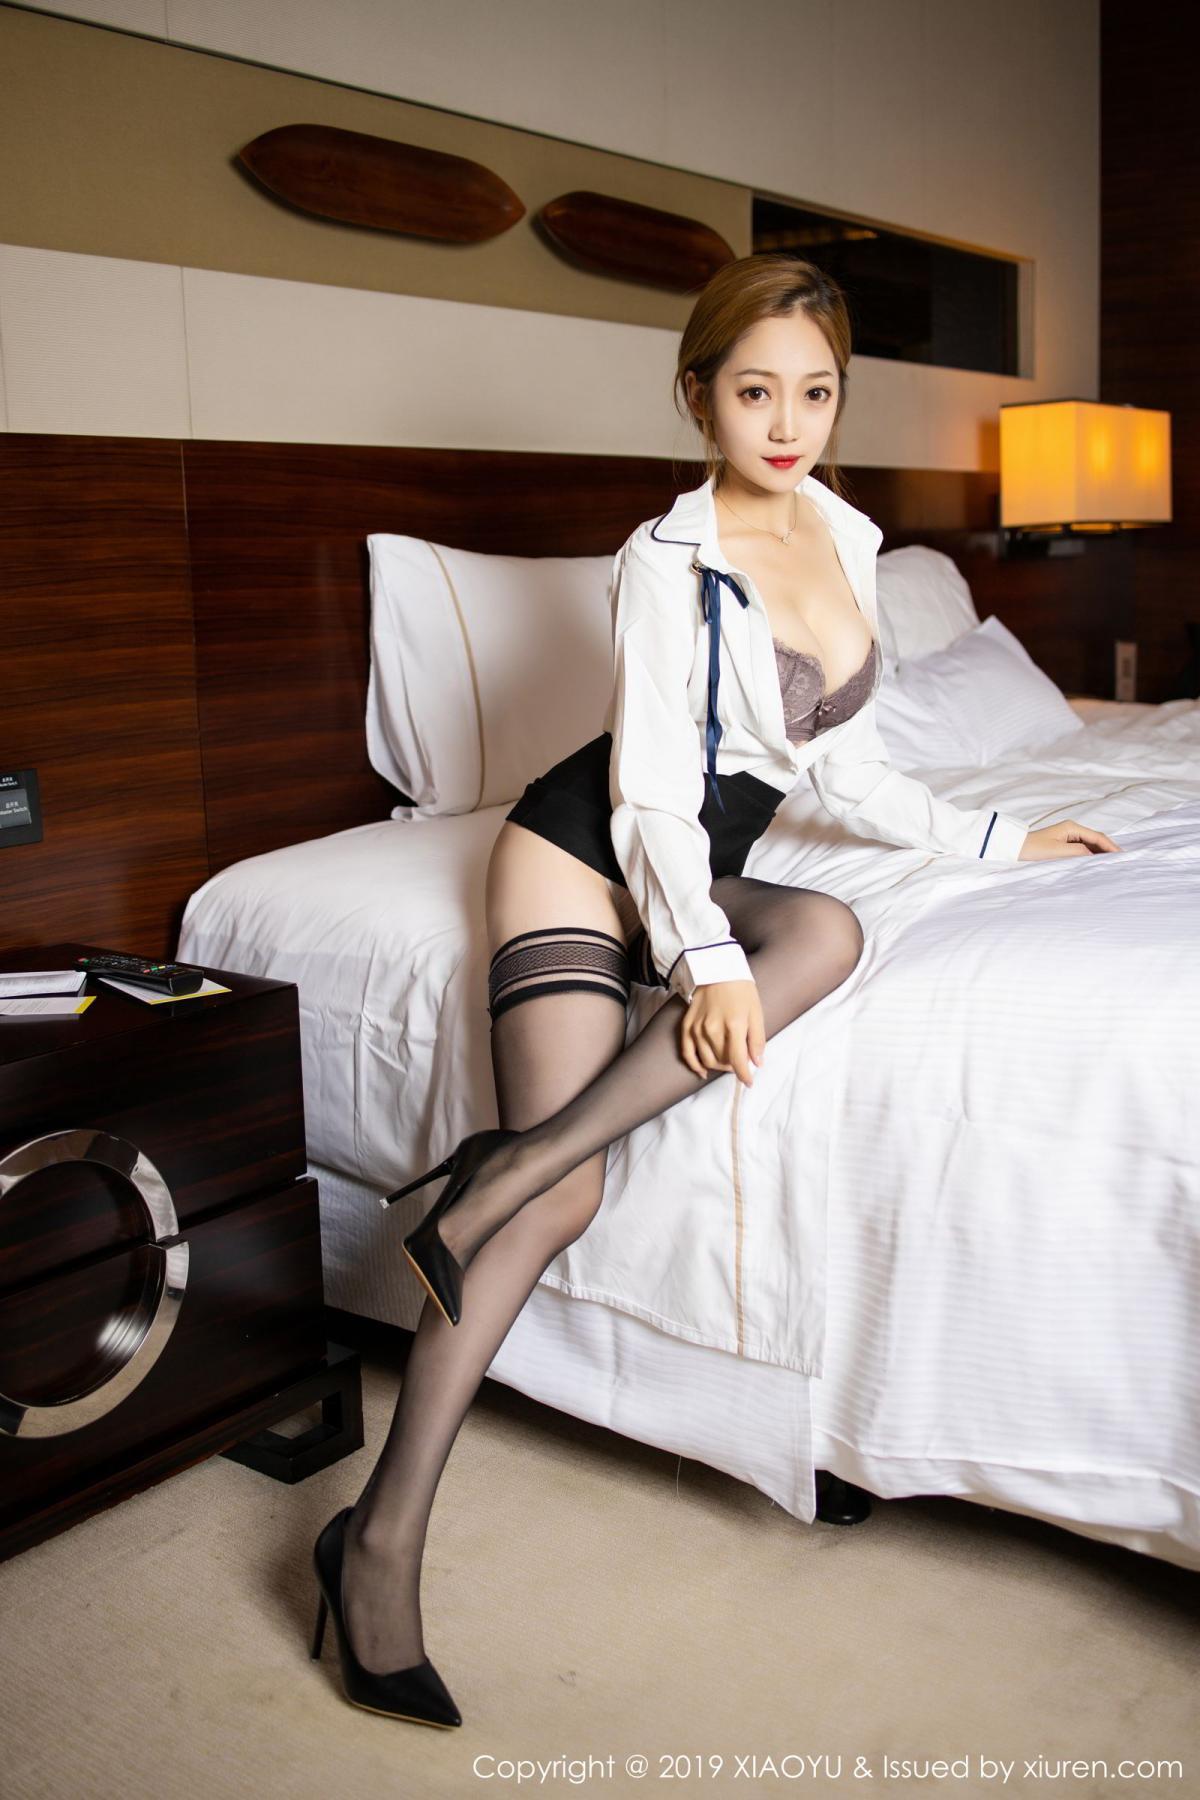 [XiaoYu] Vol.181 Yuner Claire 23P, Black Silk, Underwear, XiaoYu, Yuner Claire